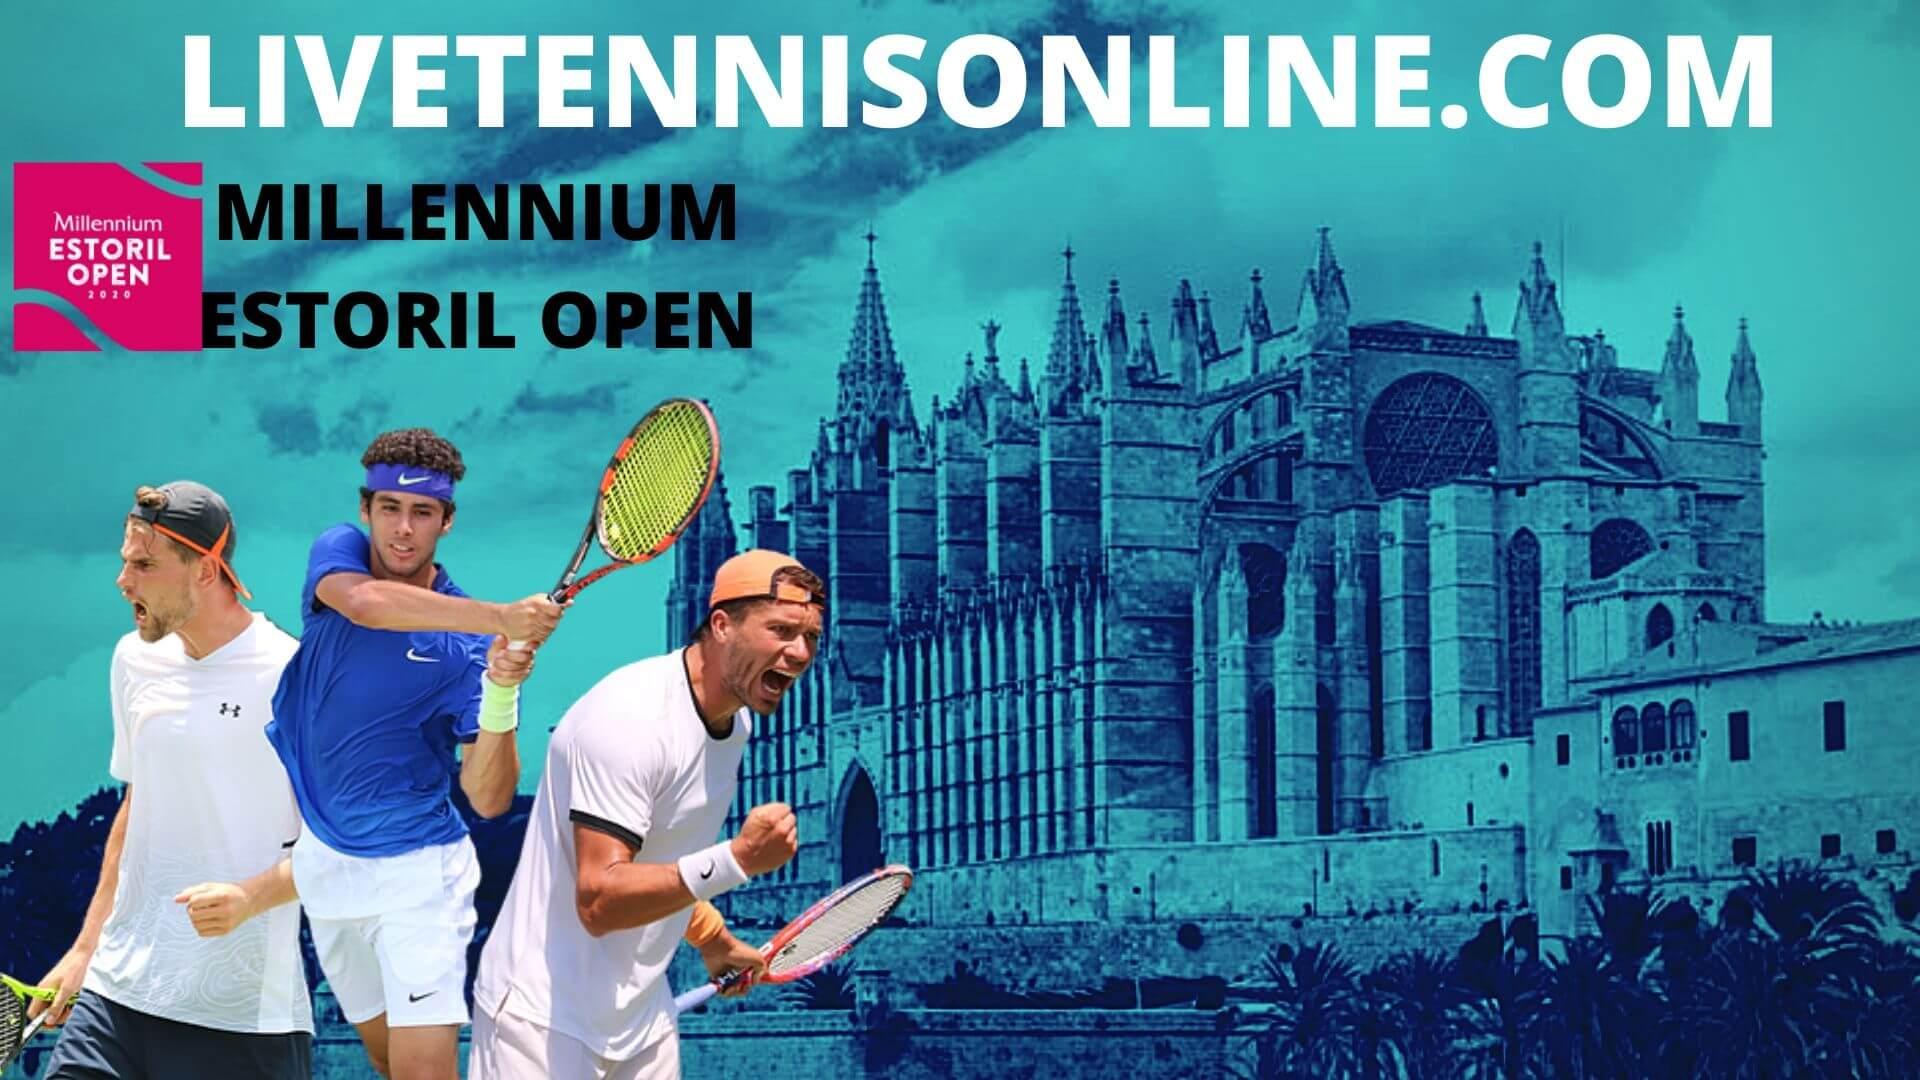 Millennium Estoril Open Live Stream 2020 | ATP Day 4